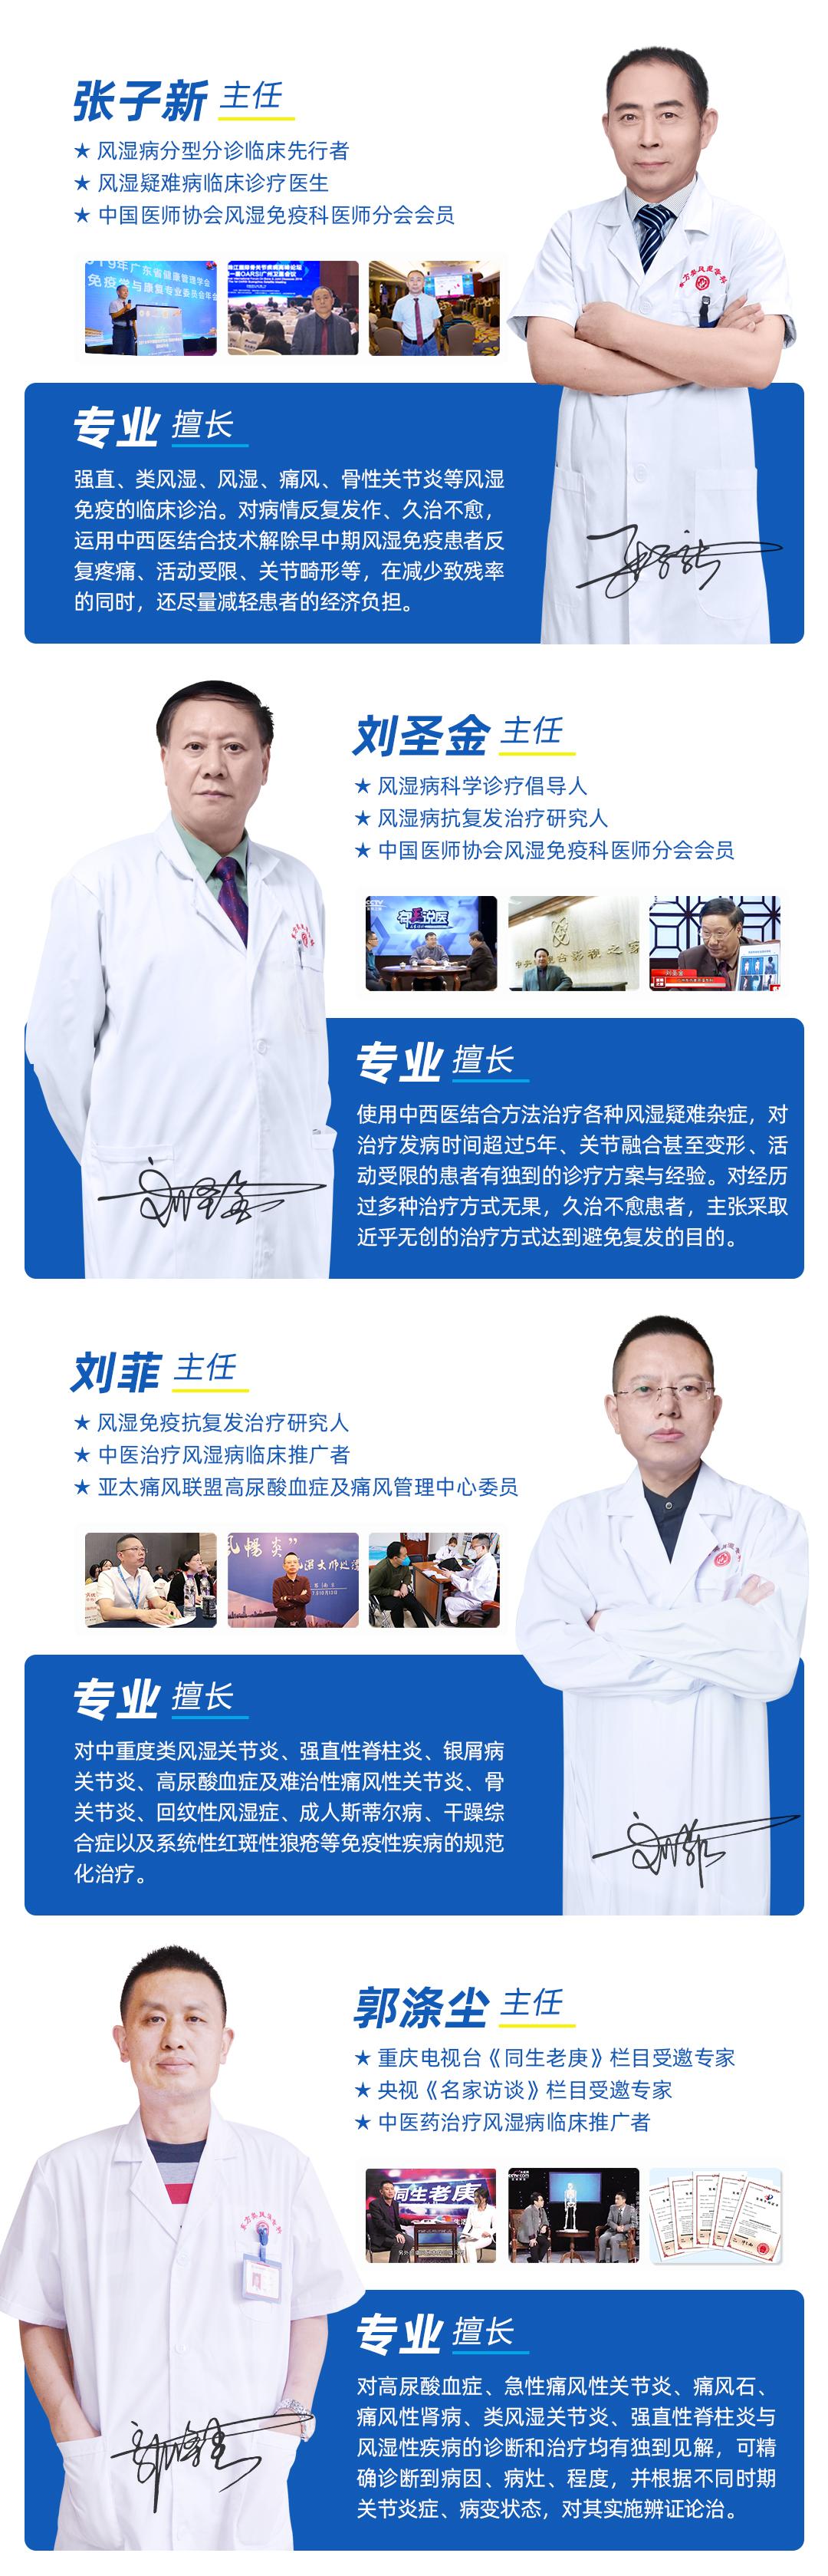 冬病夏治风湿免疫普查公益诊疗行动广州东方类风湿专科类风湿专治